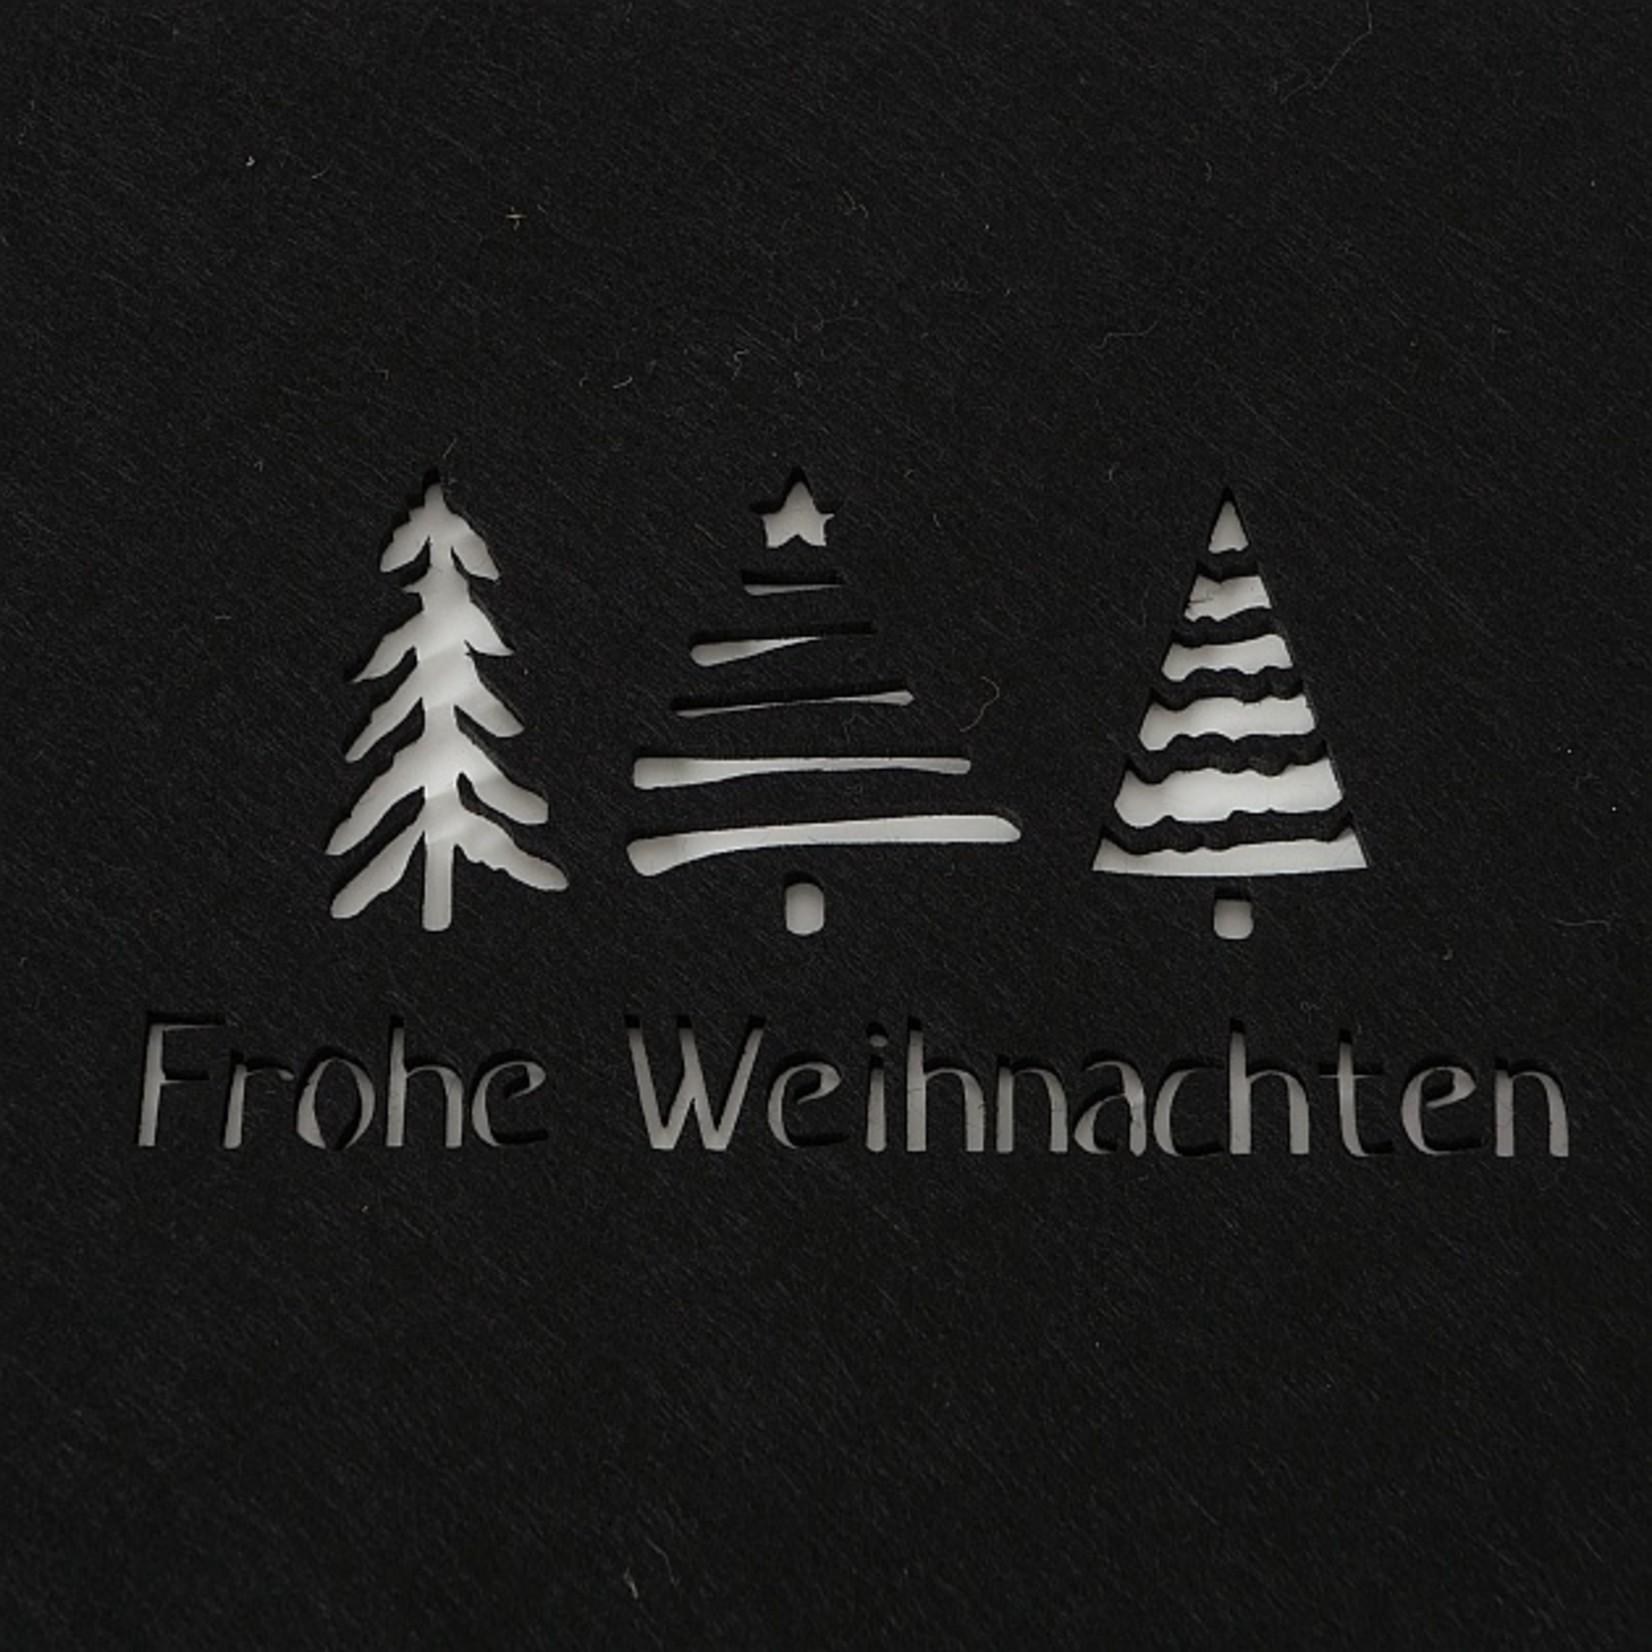 Tischset Frohe Weihnachten